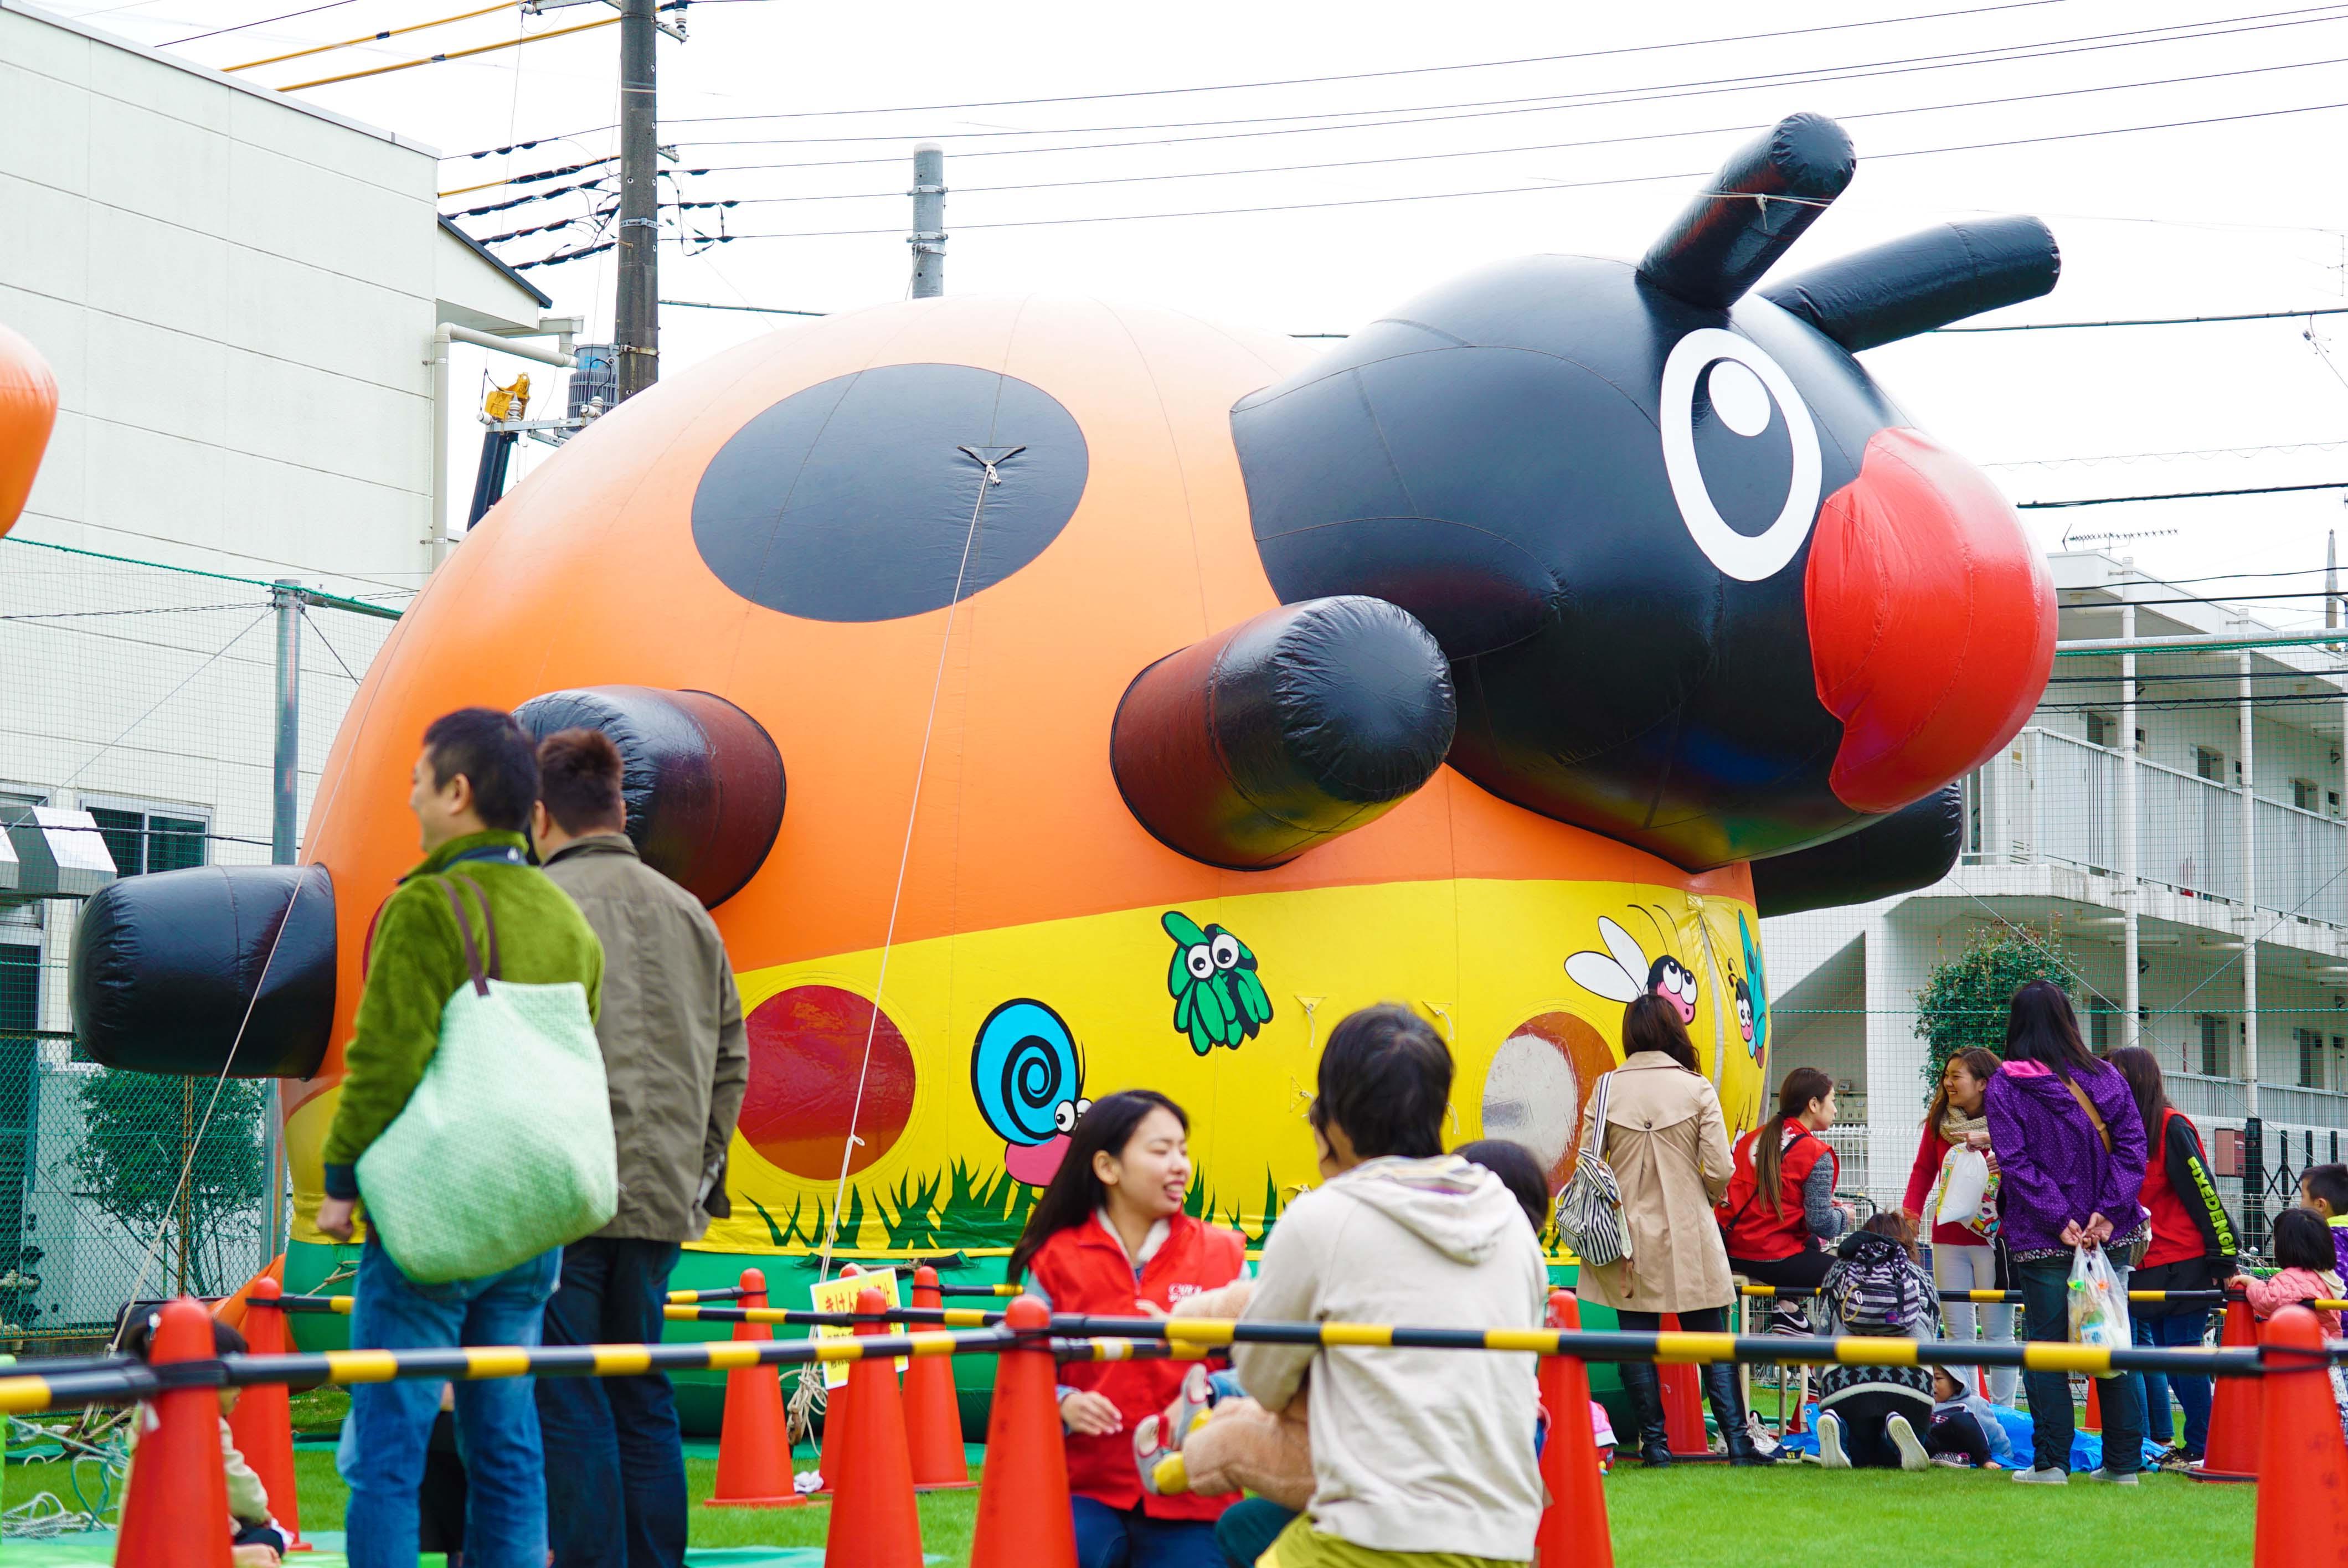 キンダーパーティー八王子!!ユーロードにて子どものイベント開催